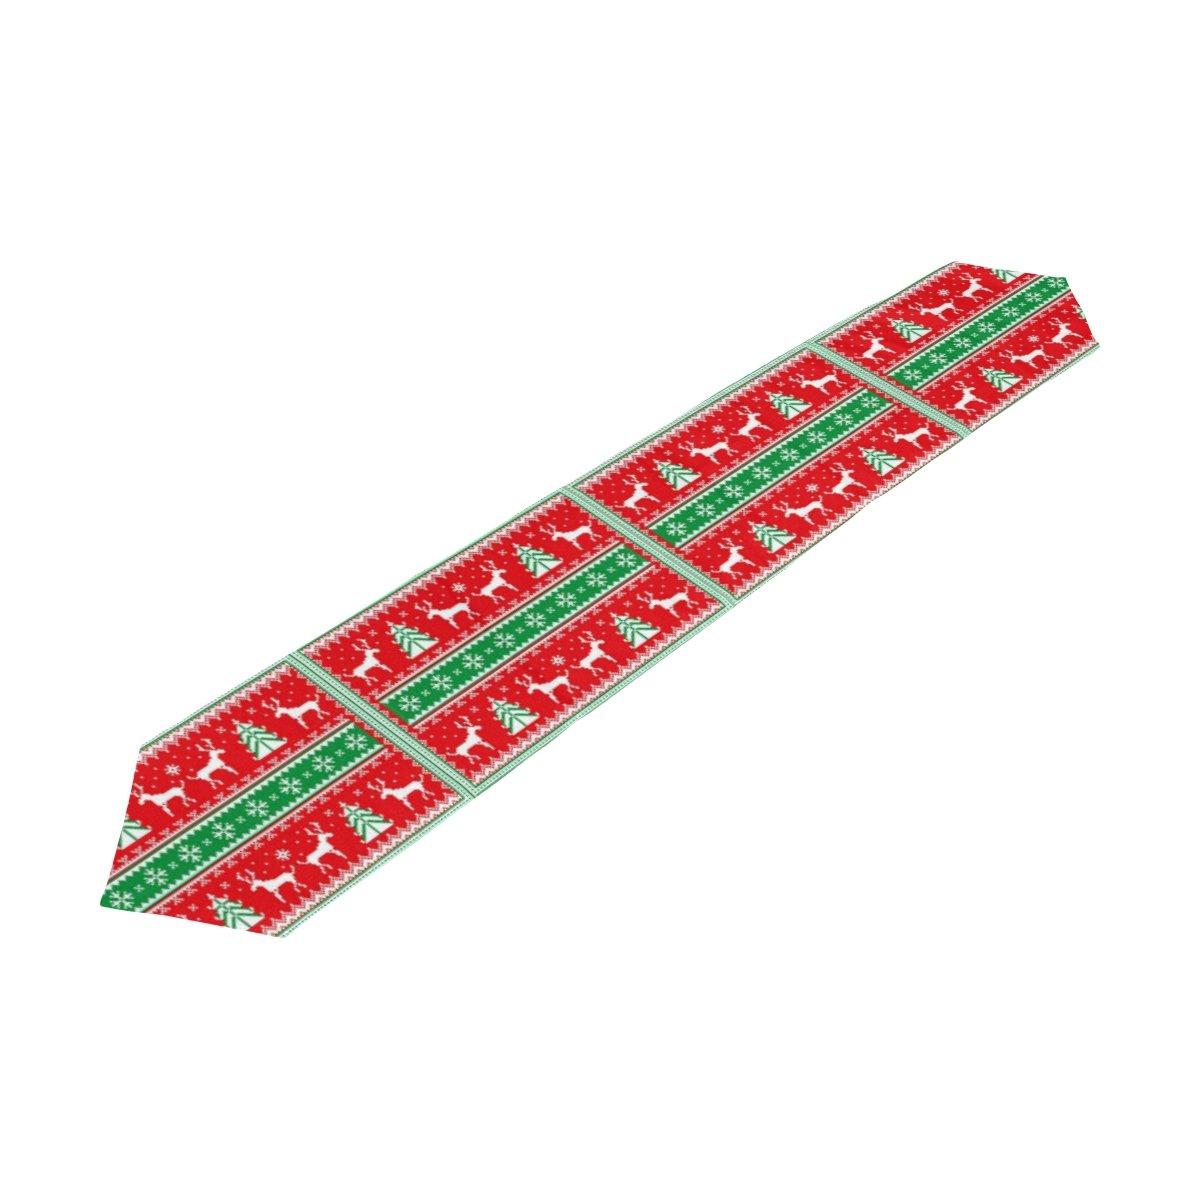 naanle冬クリスマスHoliday両面ロングテーブルランナー、トナカイクリスマスツリーポリエステルテーブルトップ装飾ホームデコレーション 13 x 90 1086494p121c135s192 13 x 90 マルチカラー B074CDTXLZ